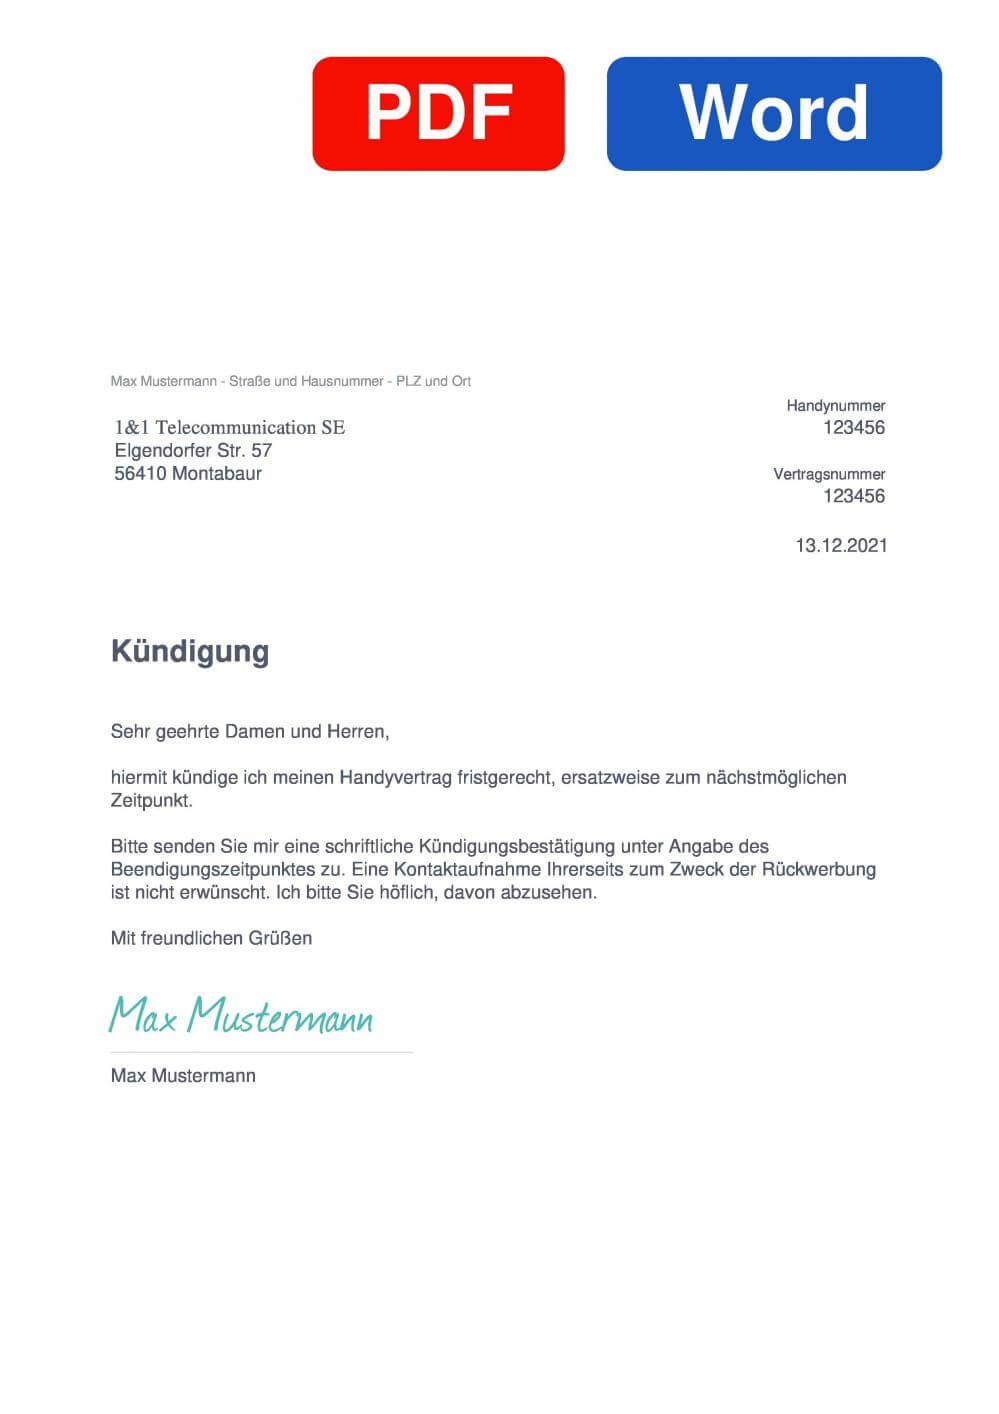 WEB.DE Handyvertrag Muster Vorlage für Kündigungsschreiben